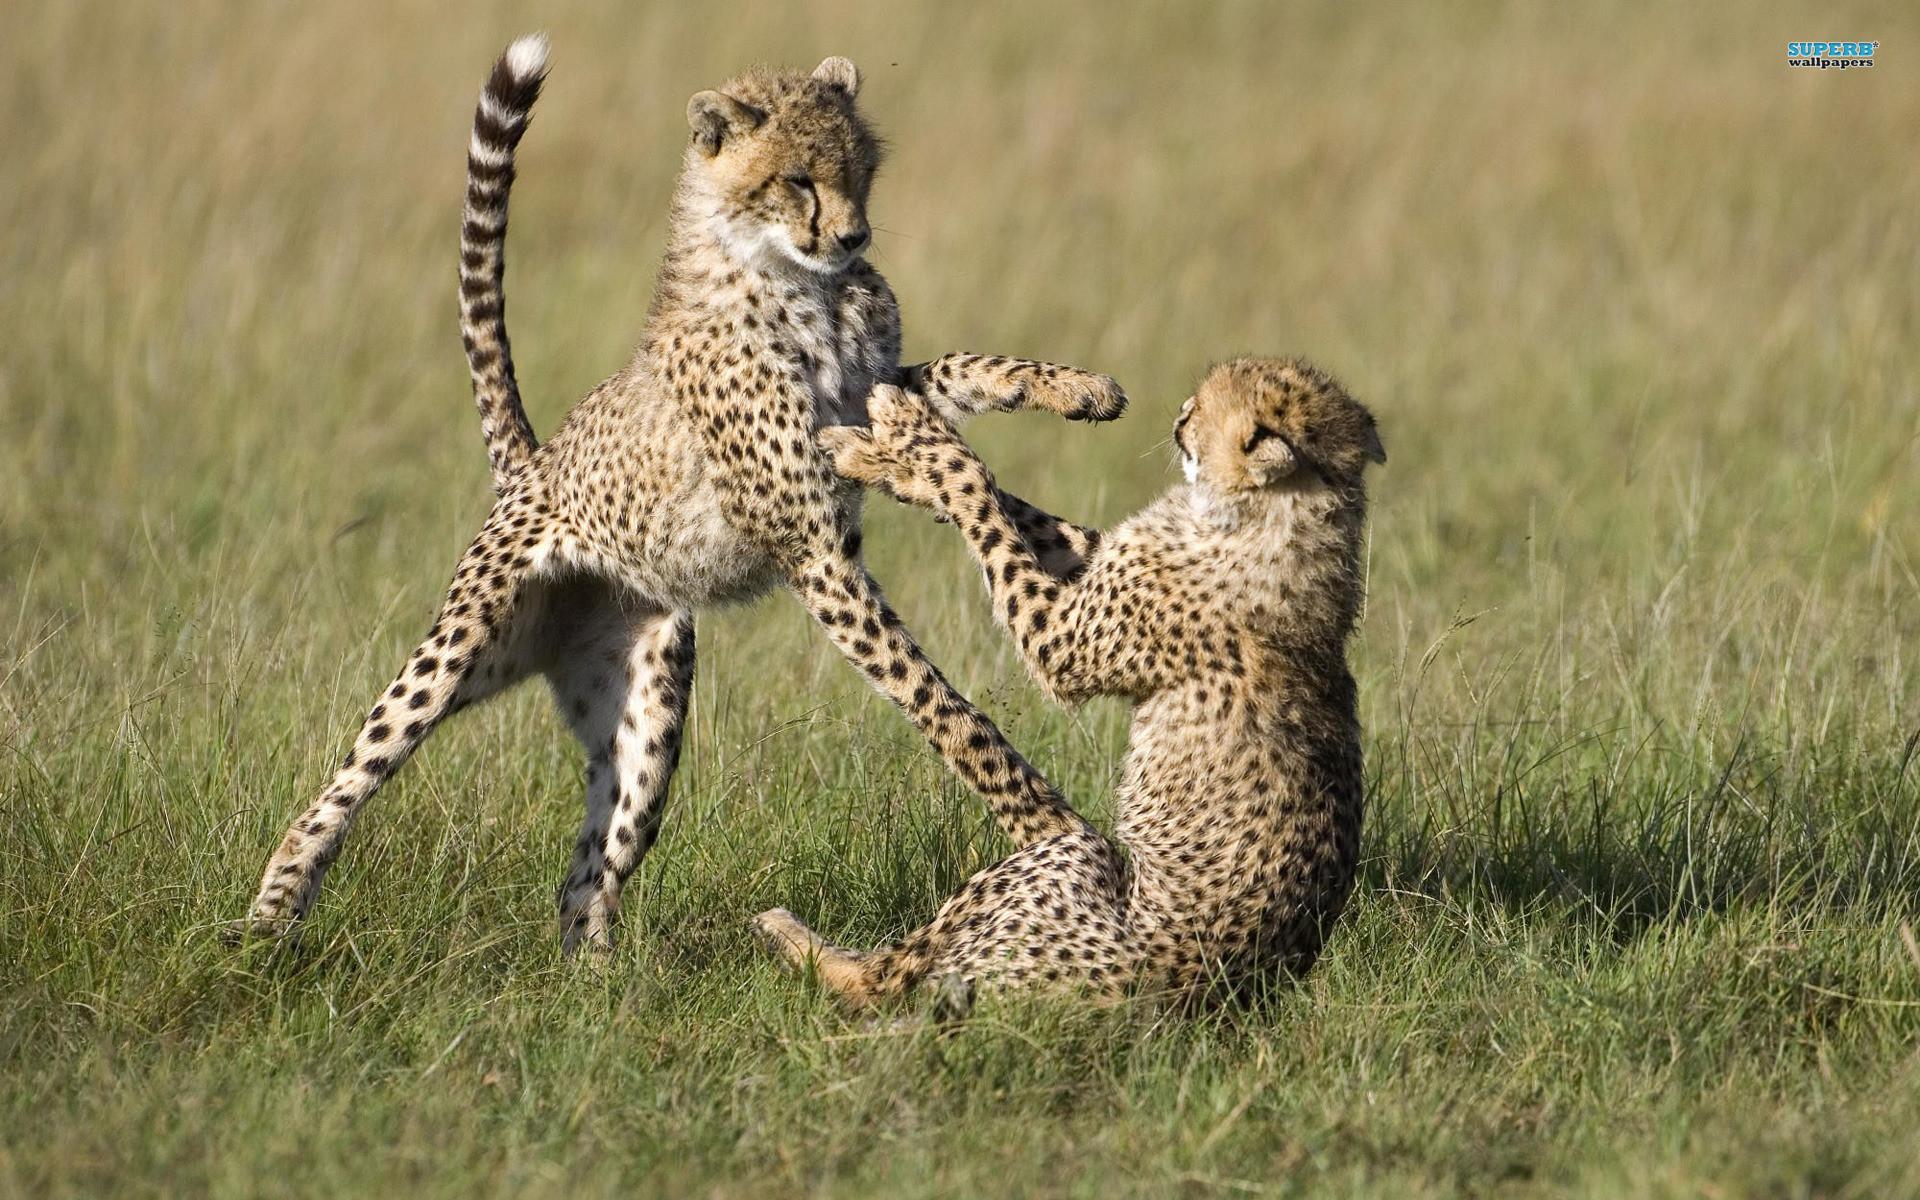 Cheetah Print Iphone Wallpaper Baby Cheetah Wallpaper 66 Images